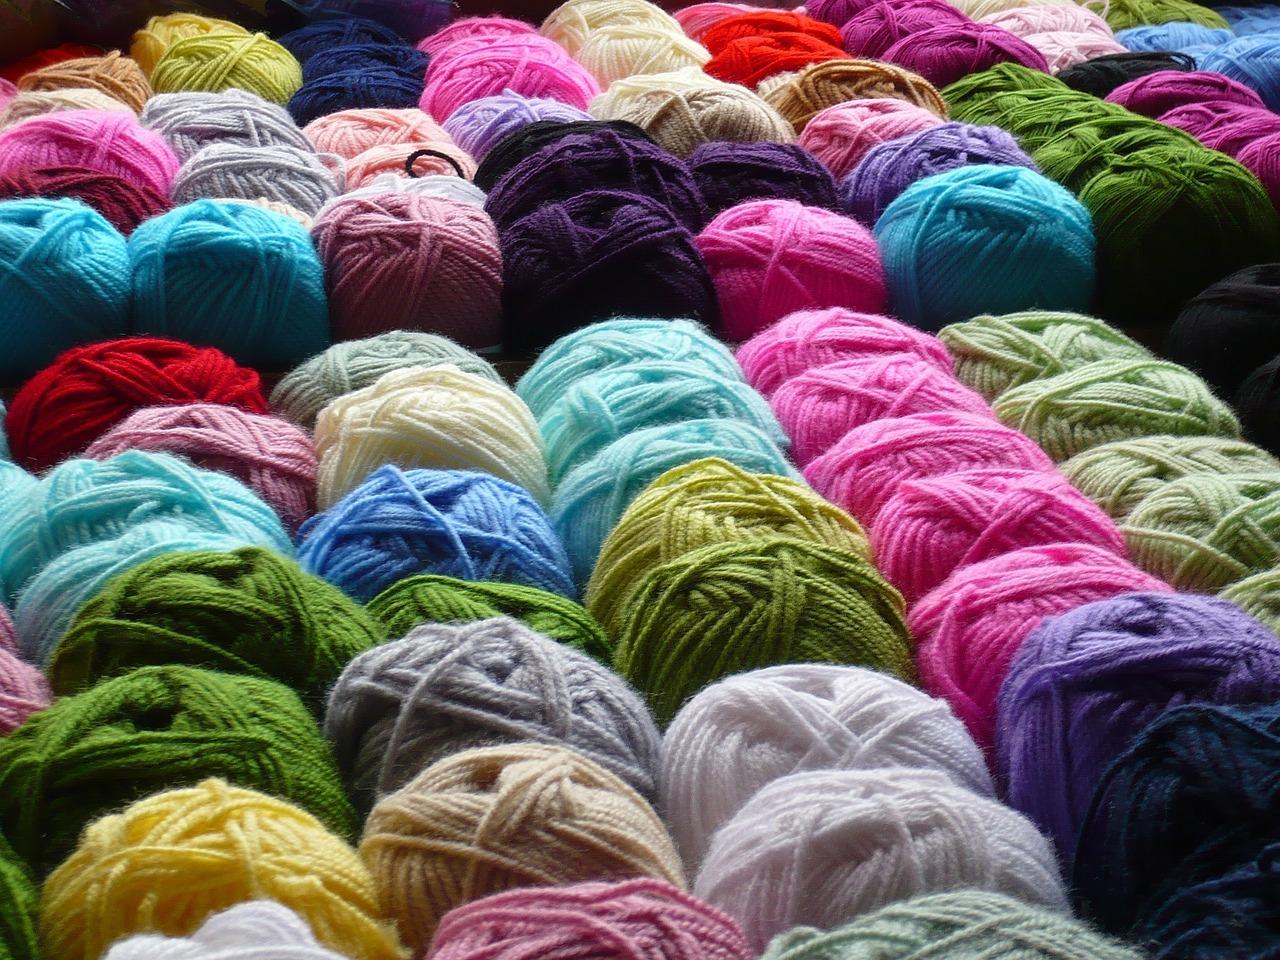 yarn-1468907_1280.jpg